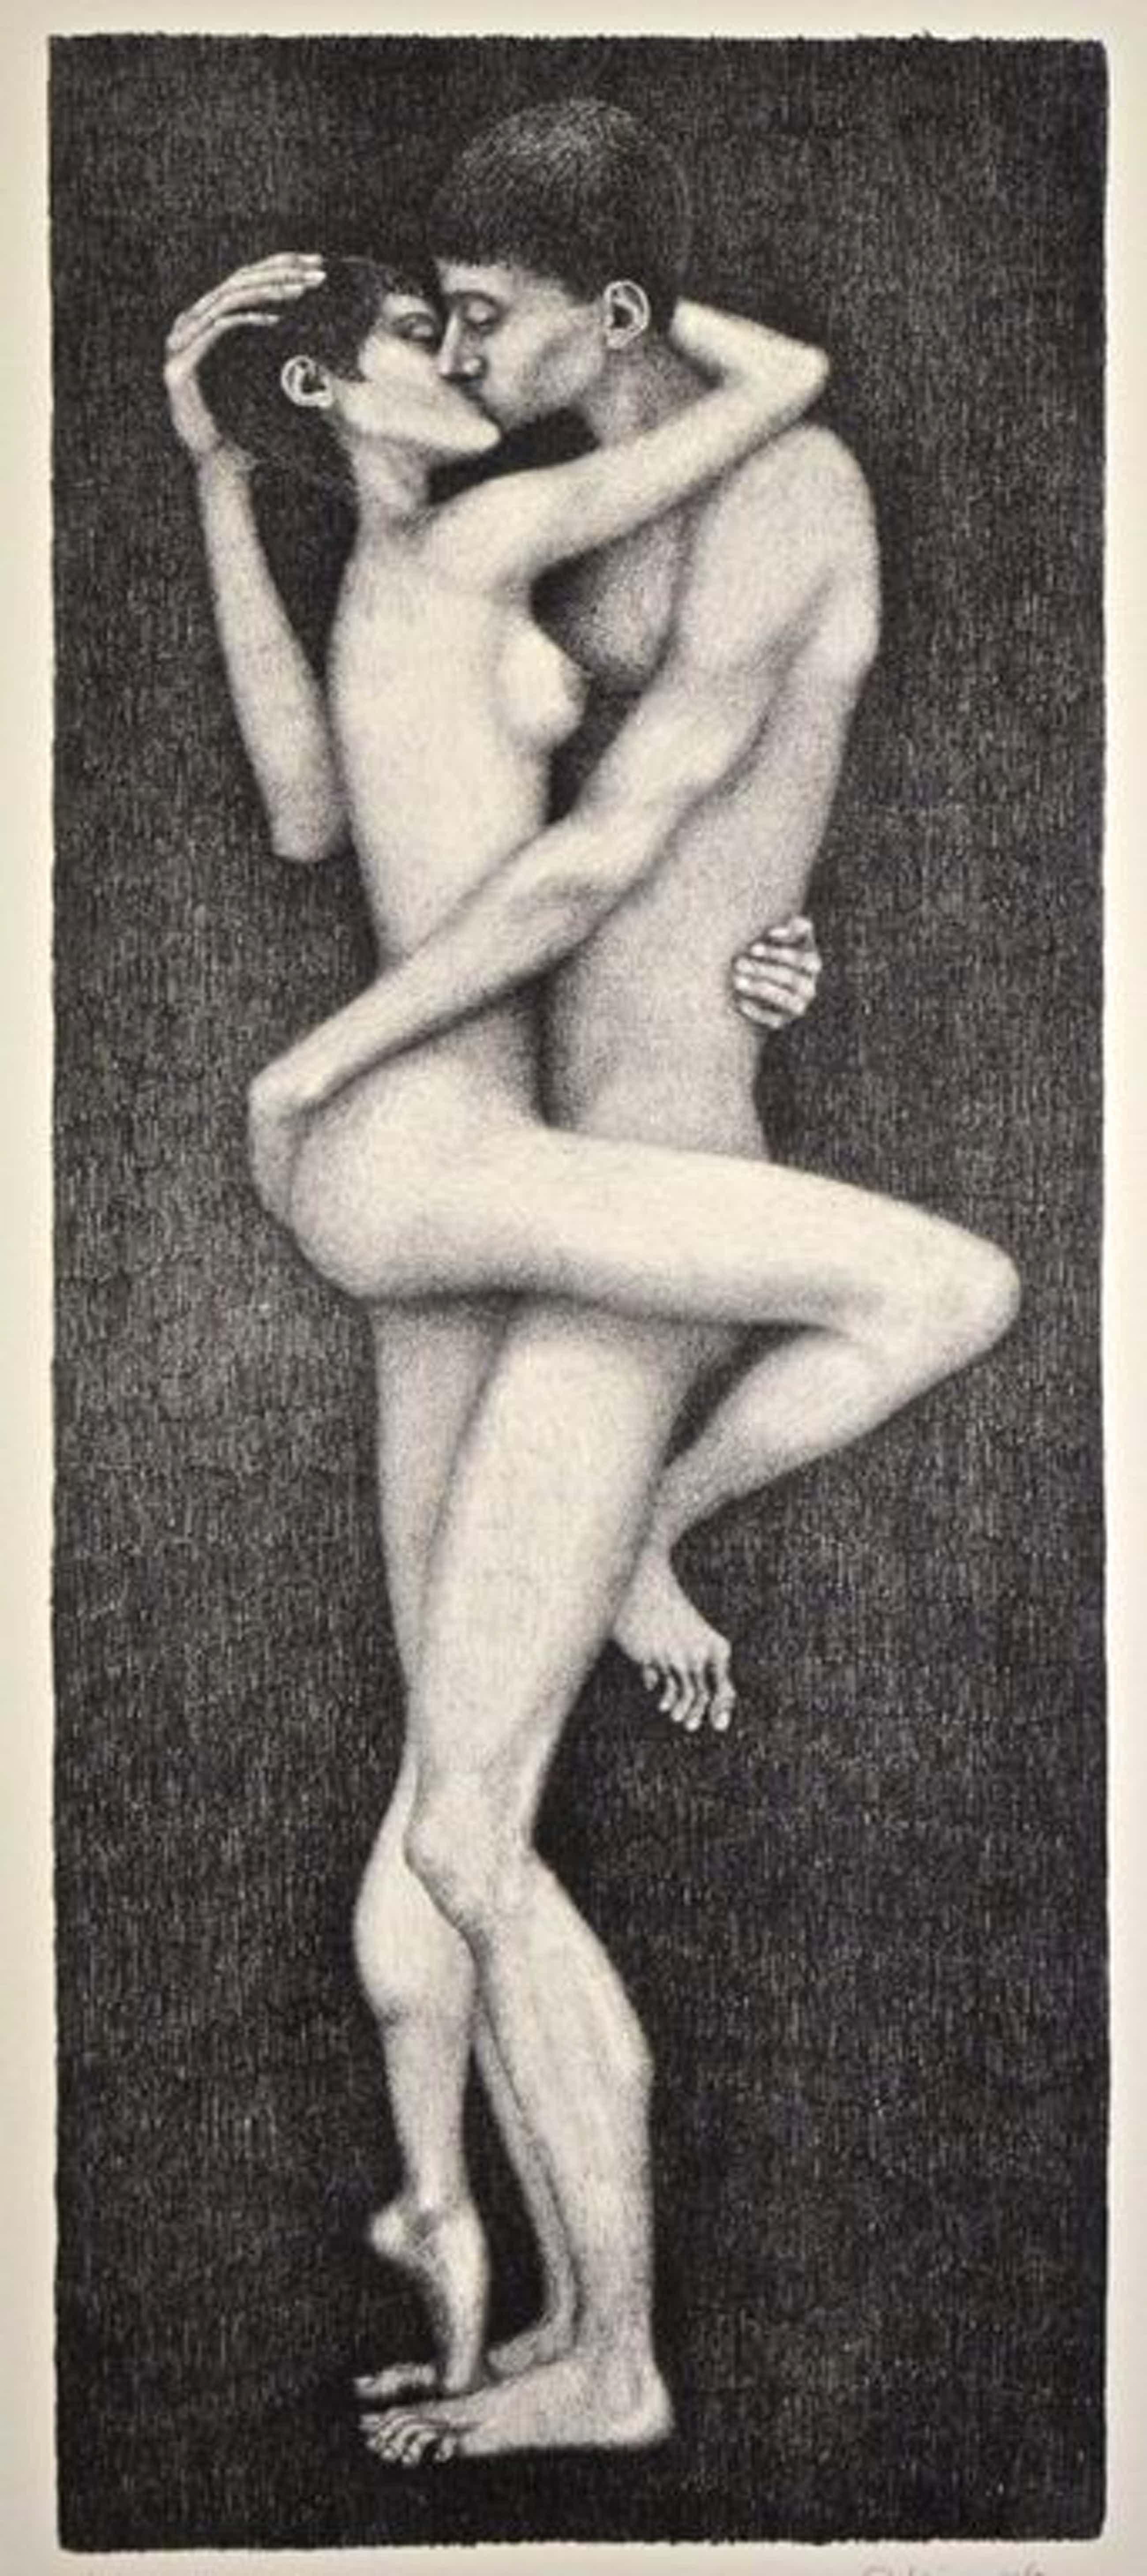 Paul Koning: Litho. Erotische voorstelling. kopen? Bied vanaf 60!